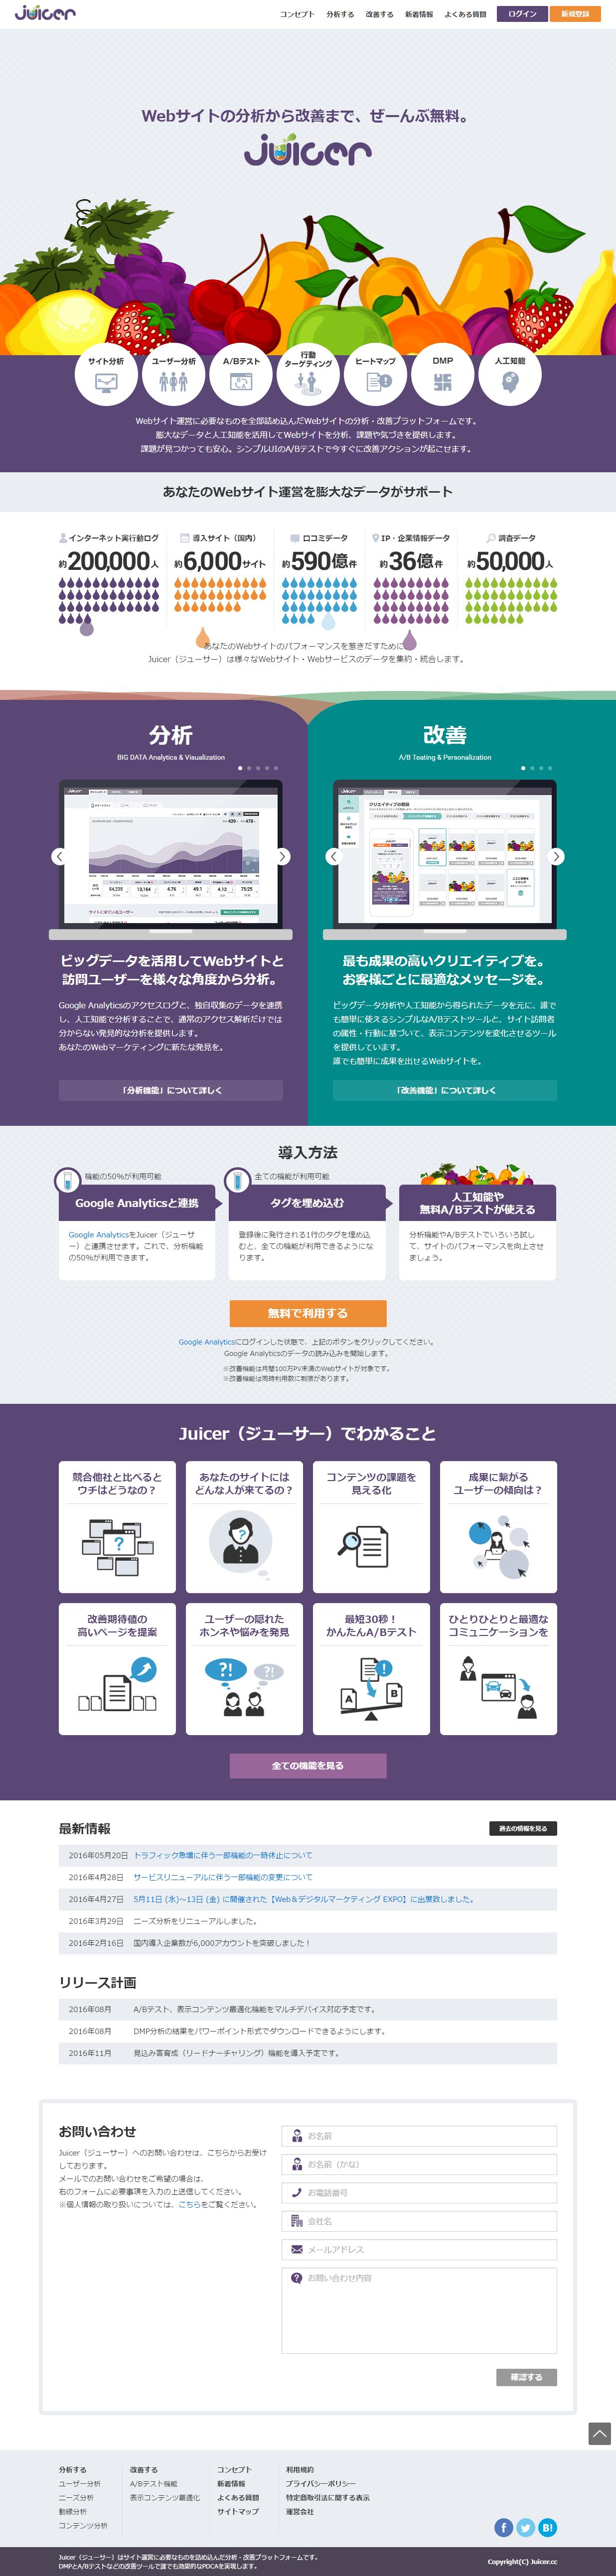 無料A_Bテスト Juicer #紫系 #レスポンシブ #固定ヘッダ https://juicer.cc/